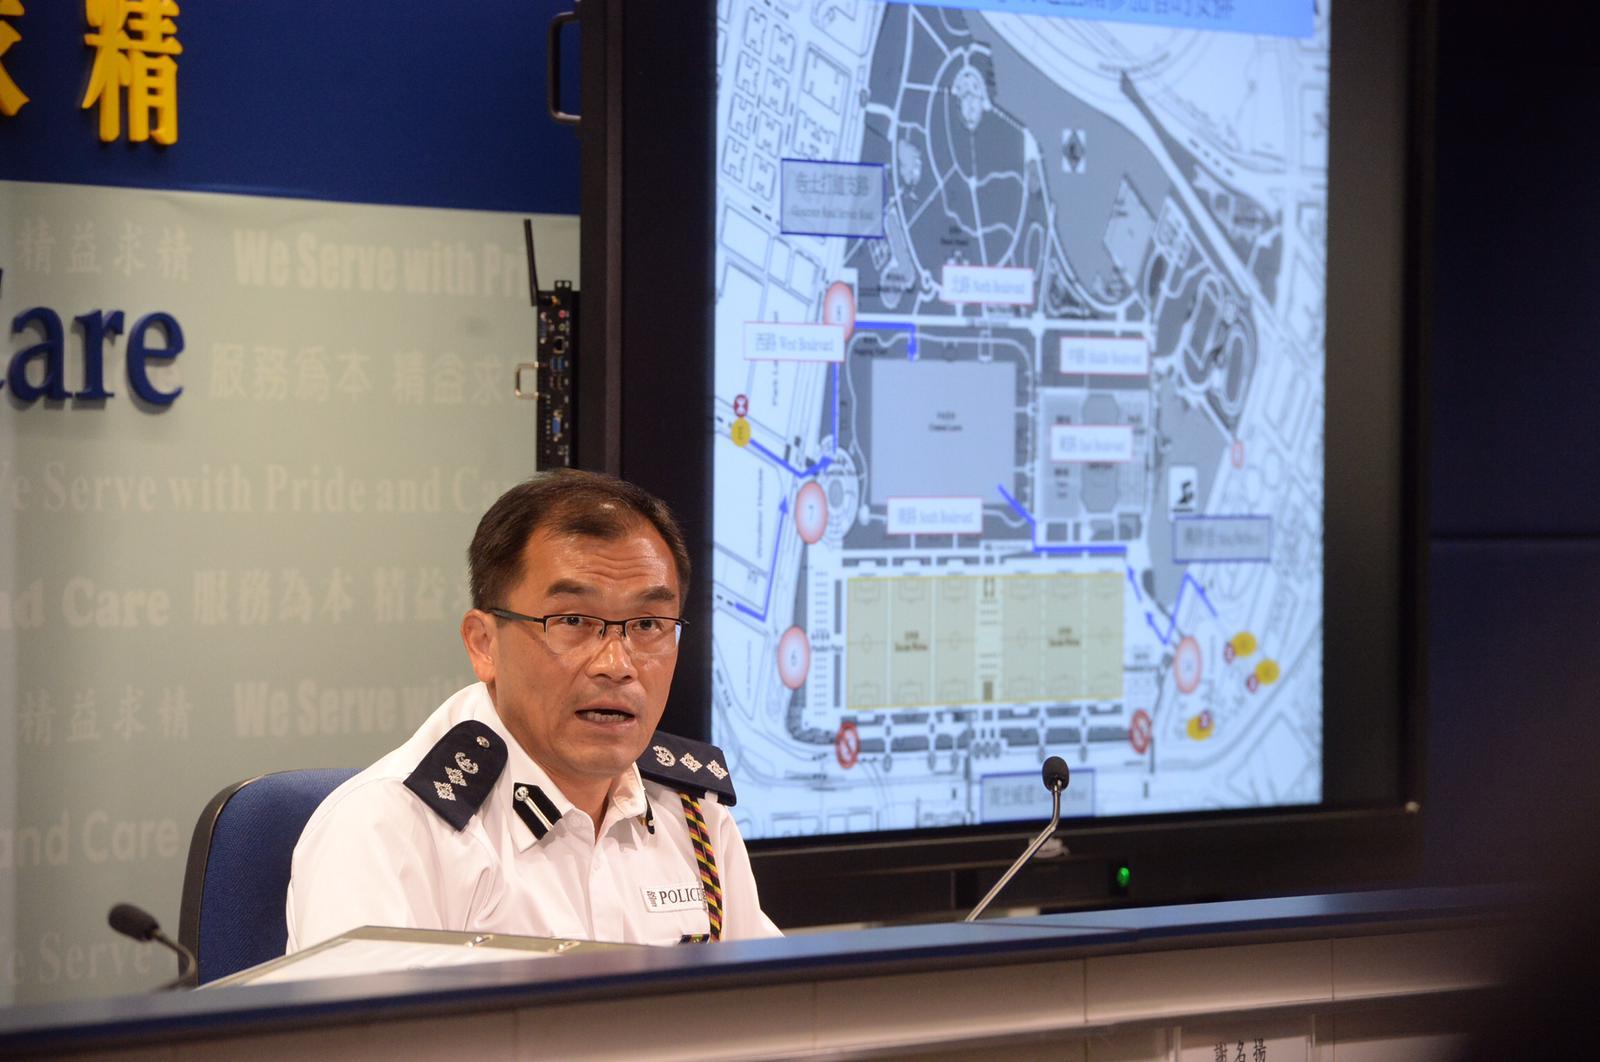 中區警區指揮官謝名揚。